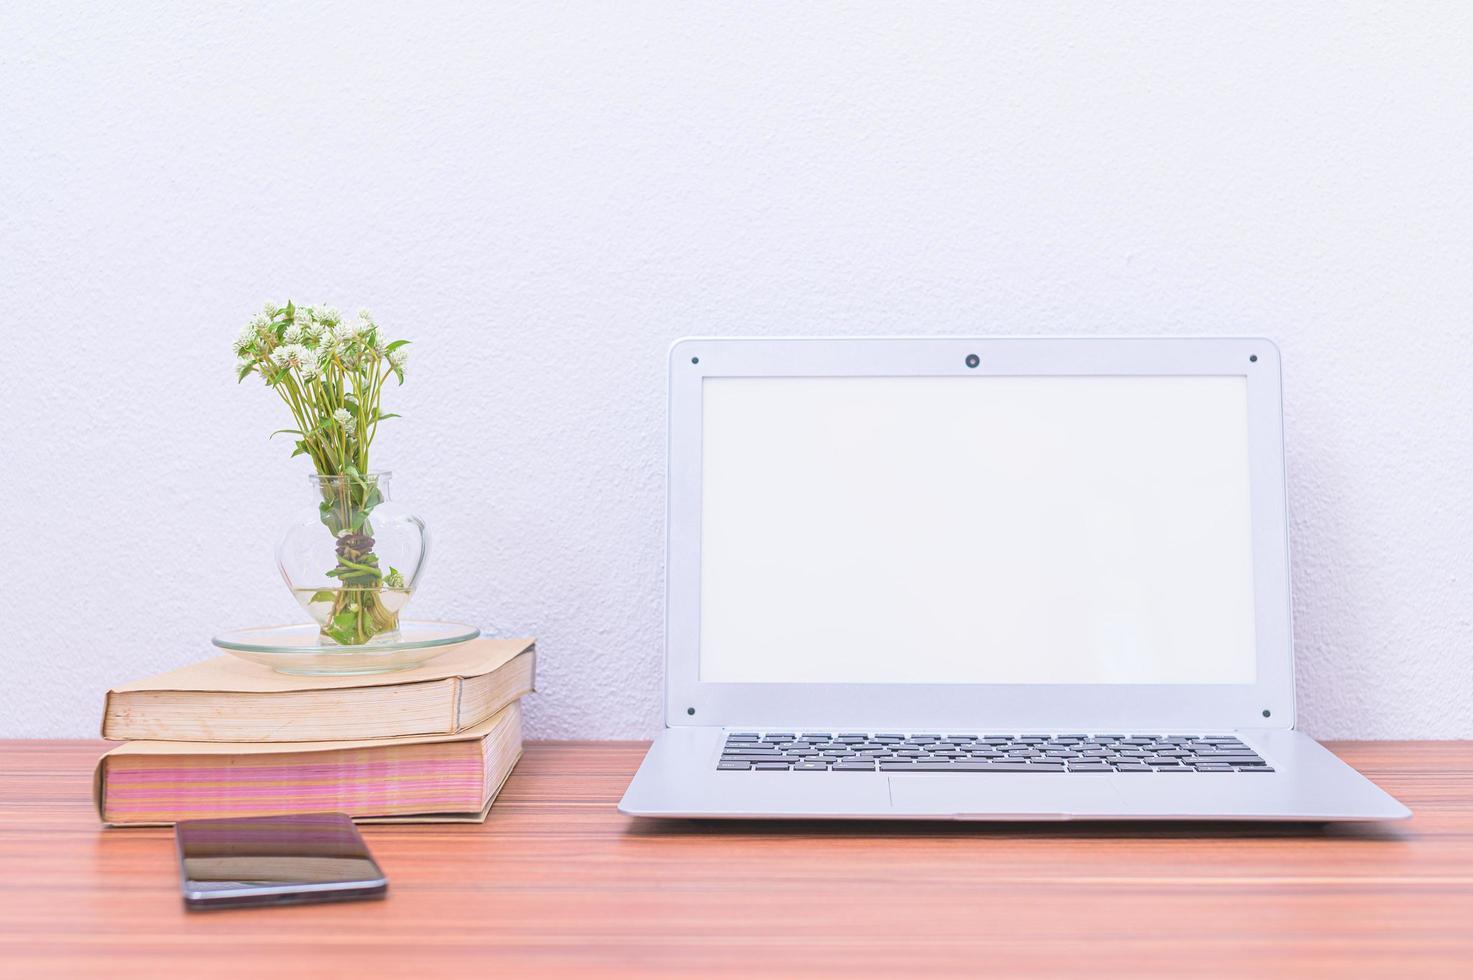 computadora portátil y libros en el escritorio foto